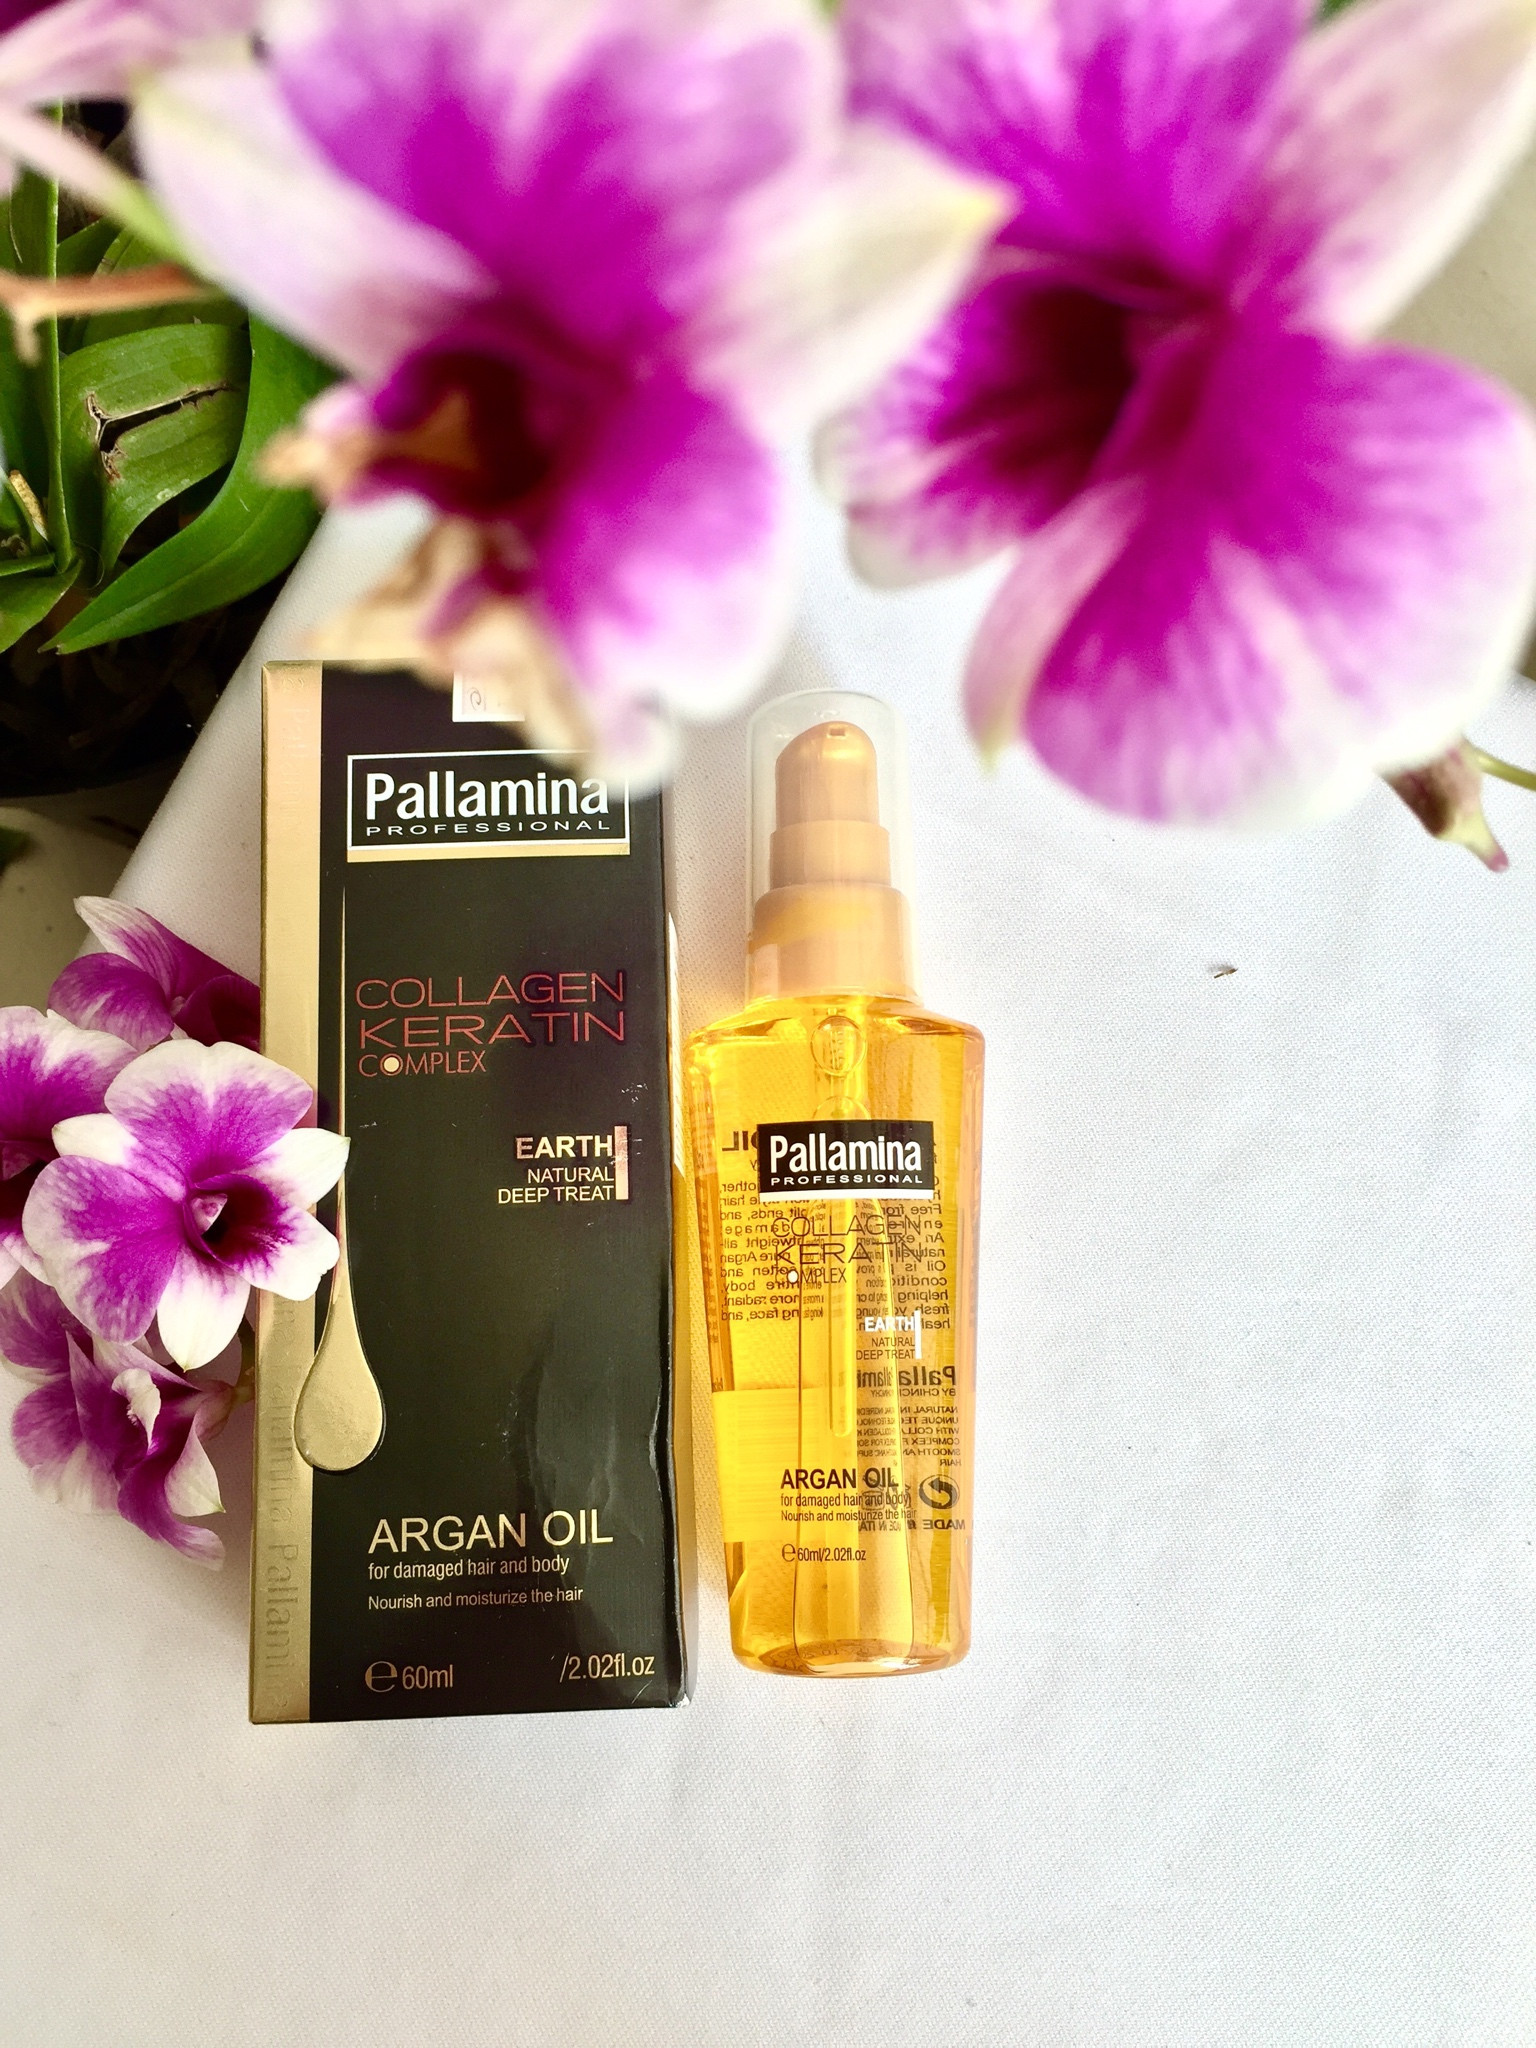 Kết quả hình ảnh cho Tinh dầu dưỡng tóc Pallamina Collagen Keratin Compex Argan Oil